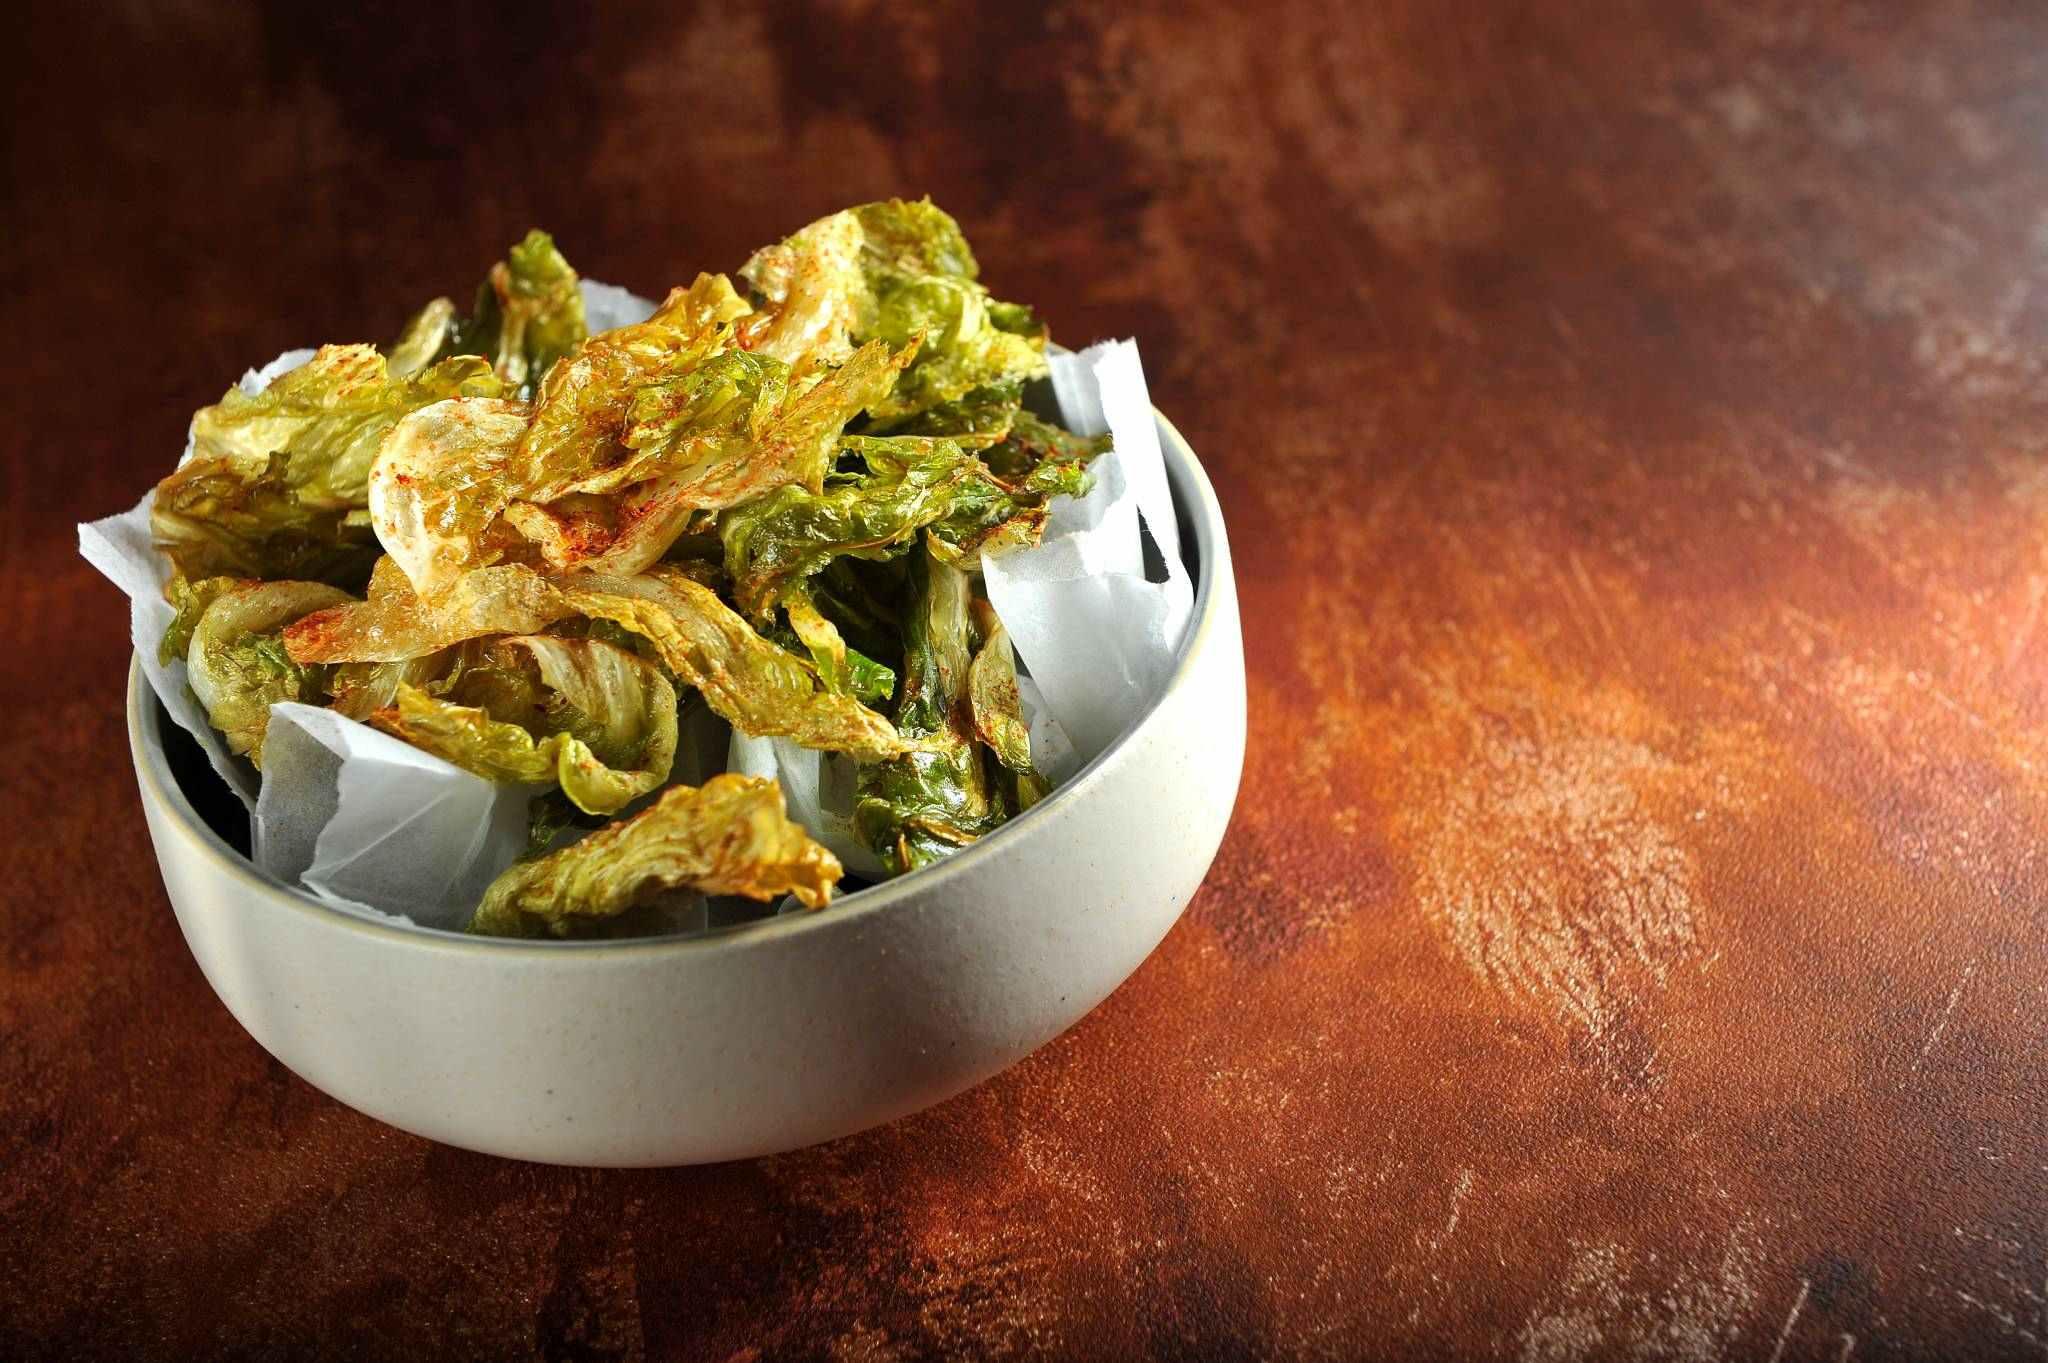 Chipsy z květákových listů podle Igora Chramce